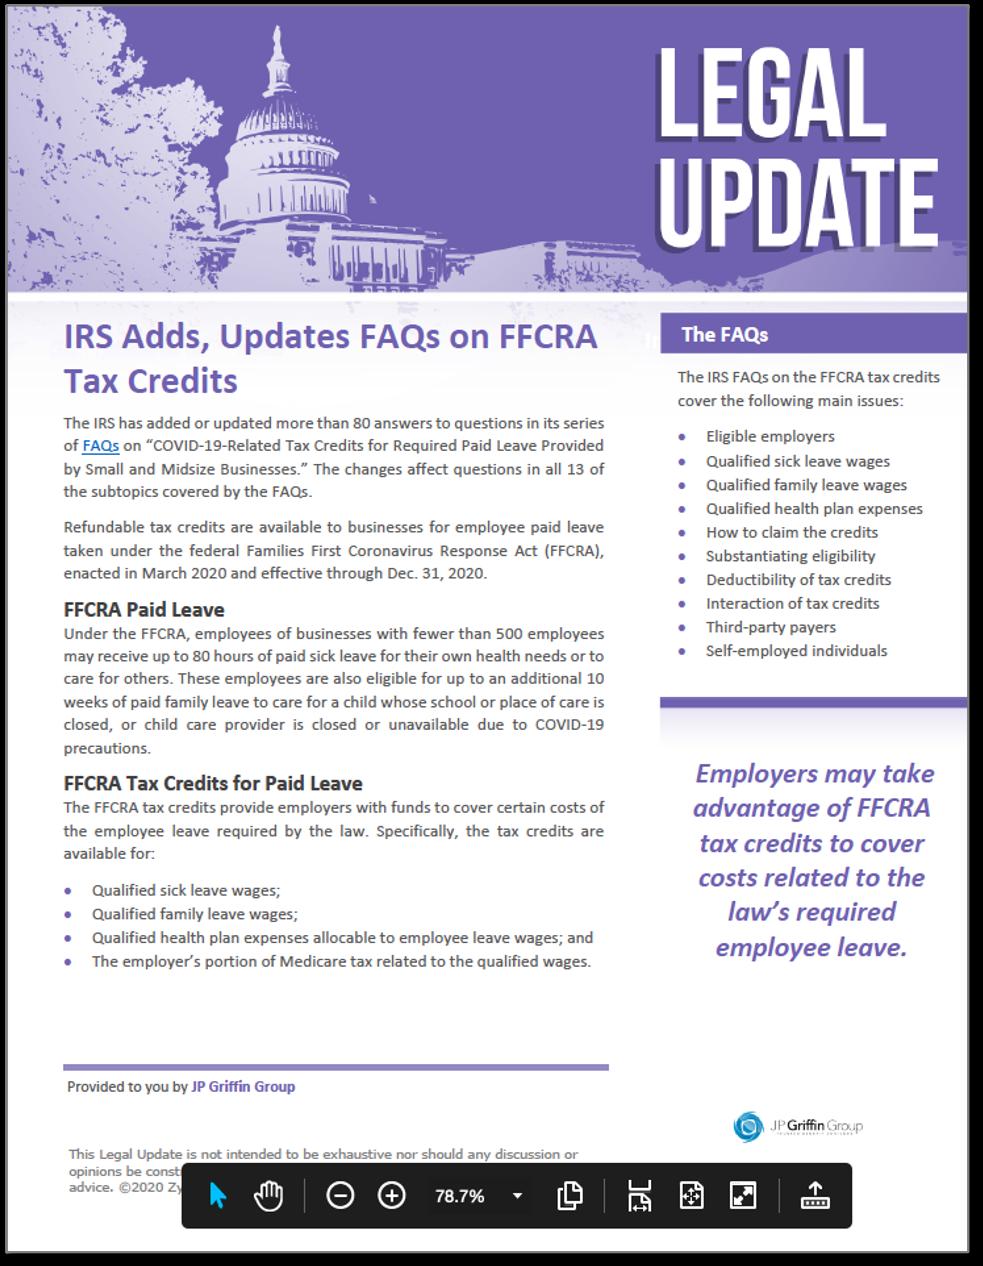 IRS Updates FAQs on FFCRA Tax Credits